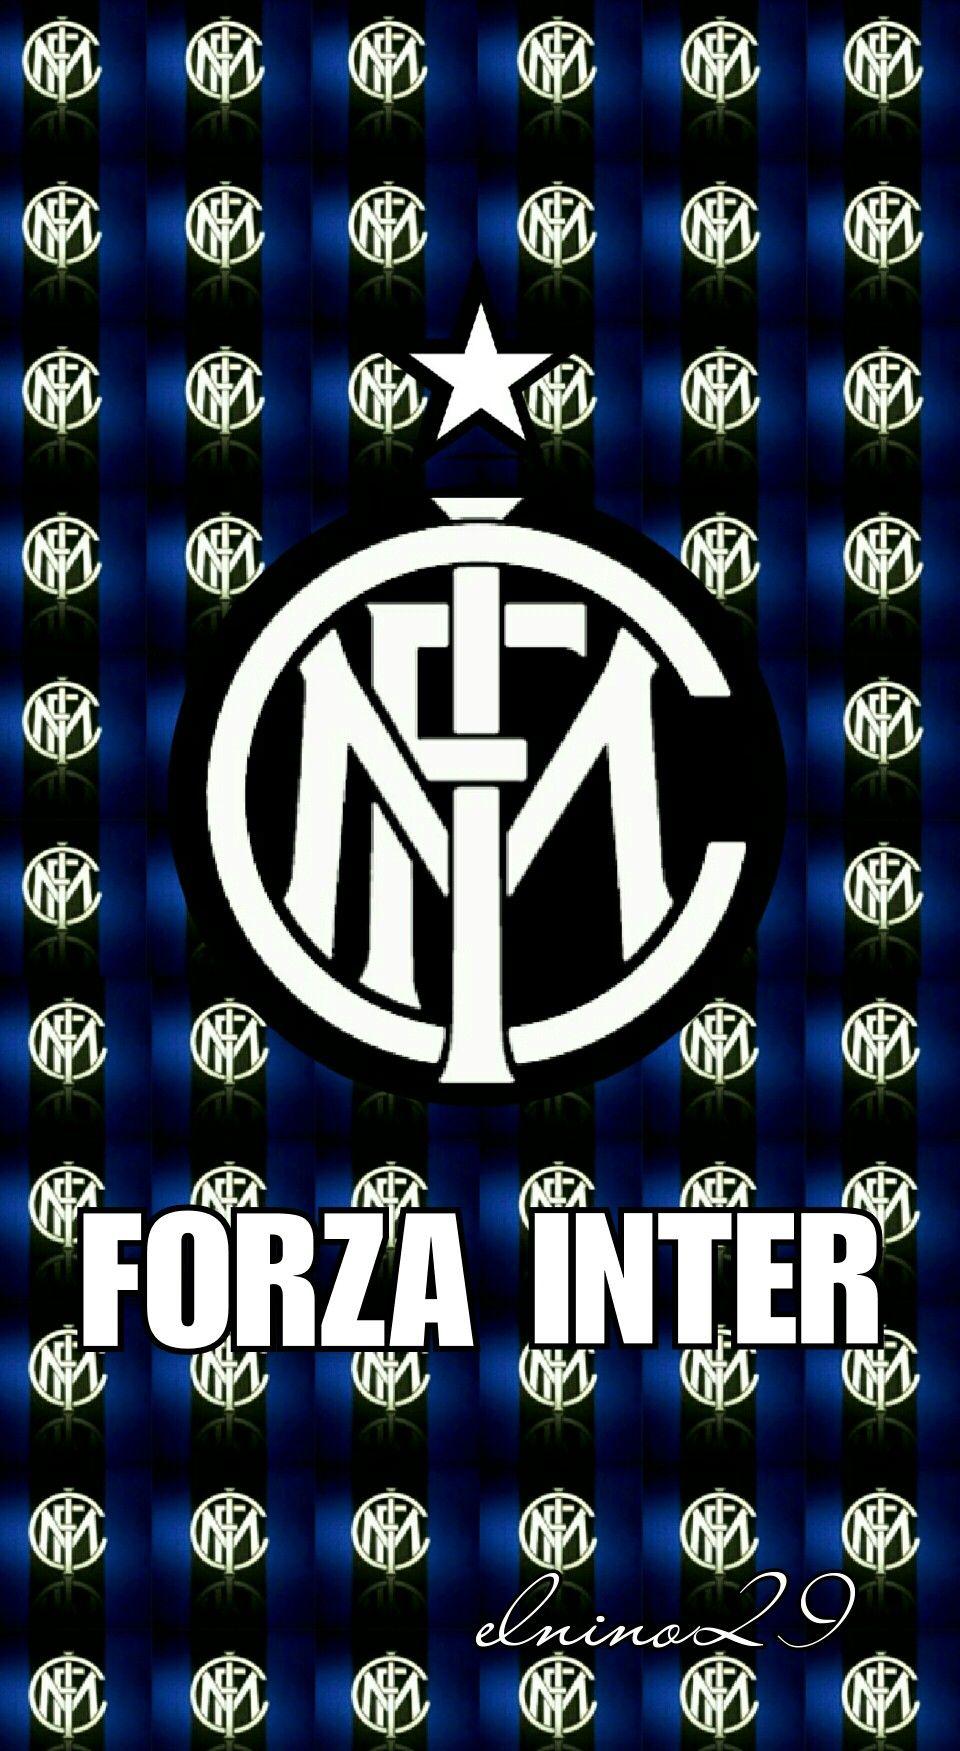 Pin di newrabin moradi su psg logo Squadra di calcio